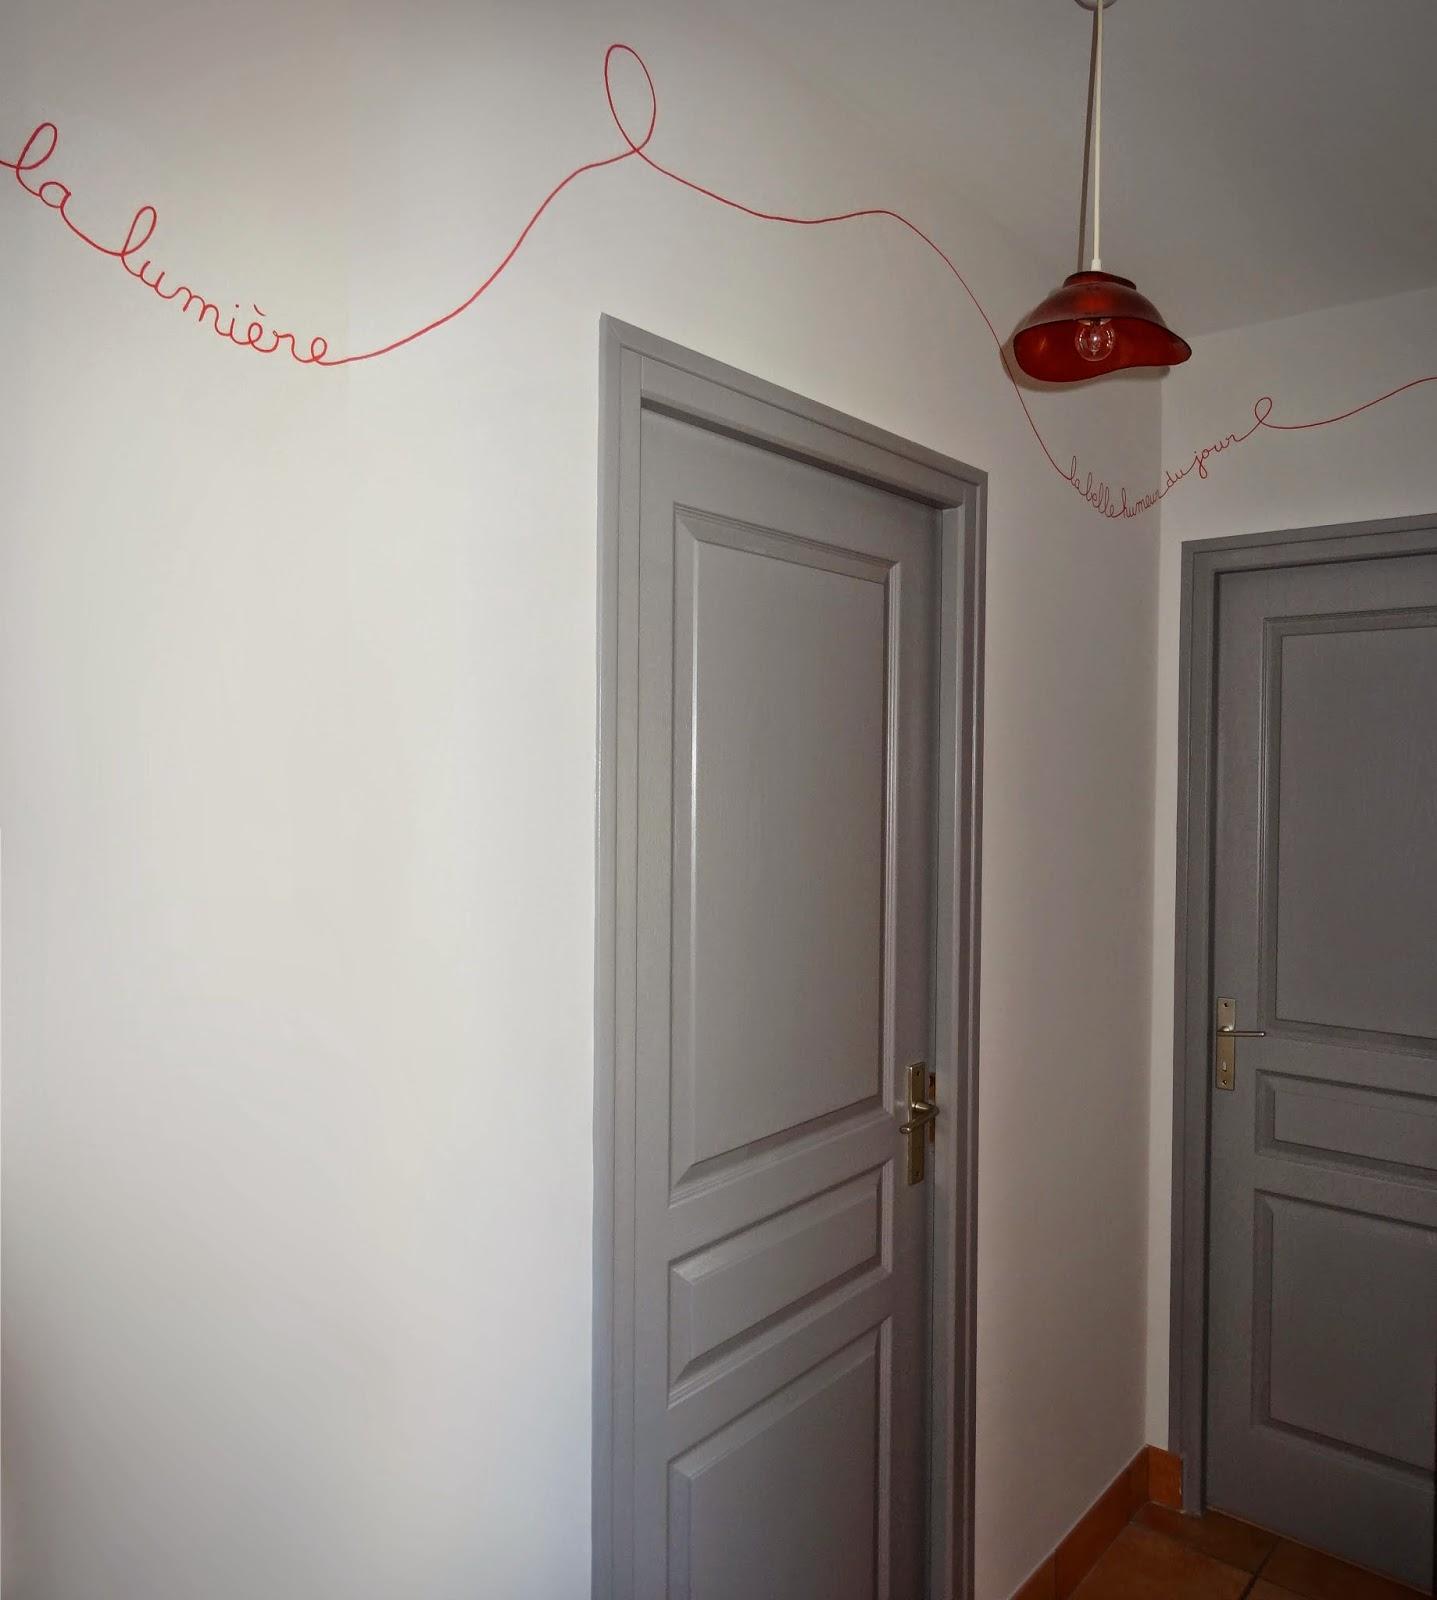 Couloir peinture bicolore maison design for Modele peinture couloir